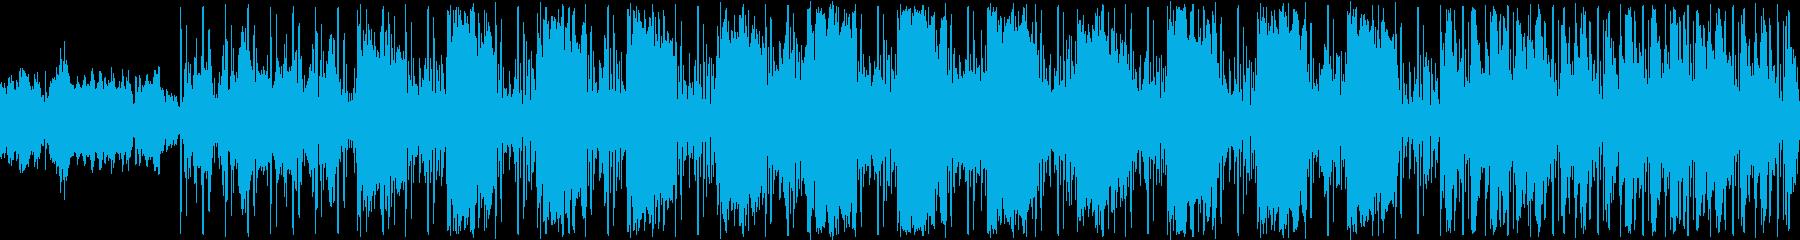 ゆったりとした曲です。BGMです。の再生済みの波形